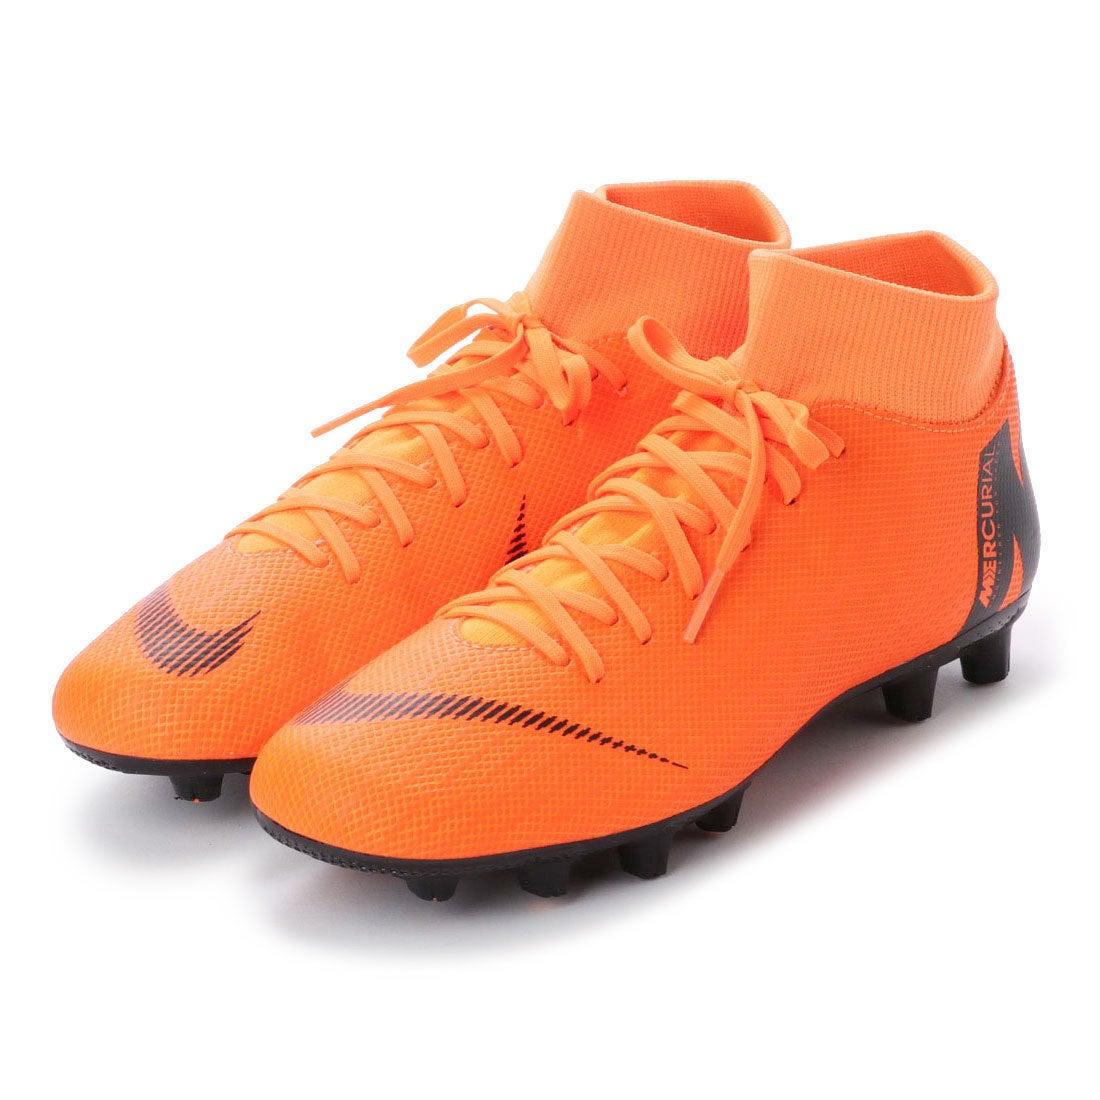 ロコンド 靴とファッションの通販サイトナイキ NIKE サッカー スパイクシューズ スーパーフライ 6 アカデミー HG AH8757810